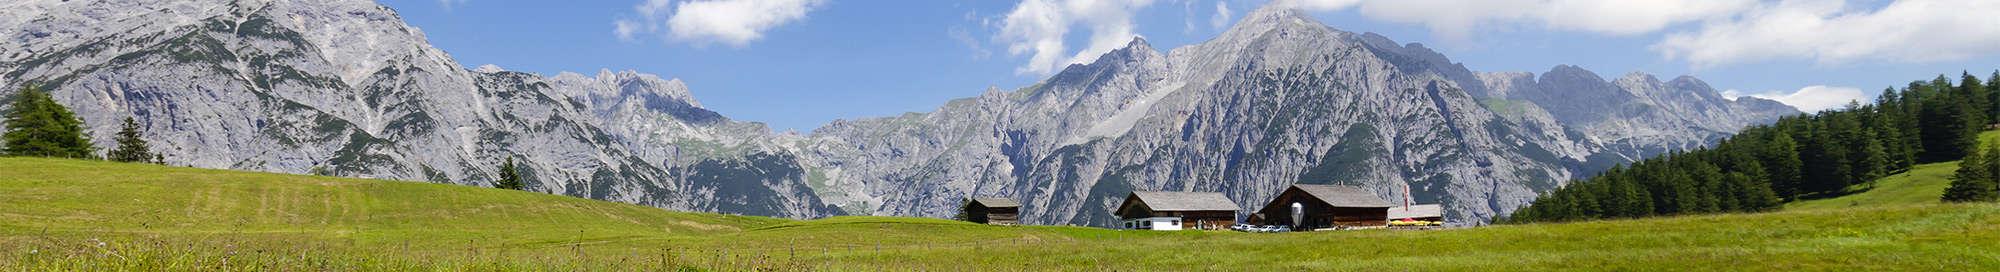 Week-end et séjour dans les Alpes